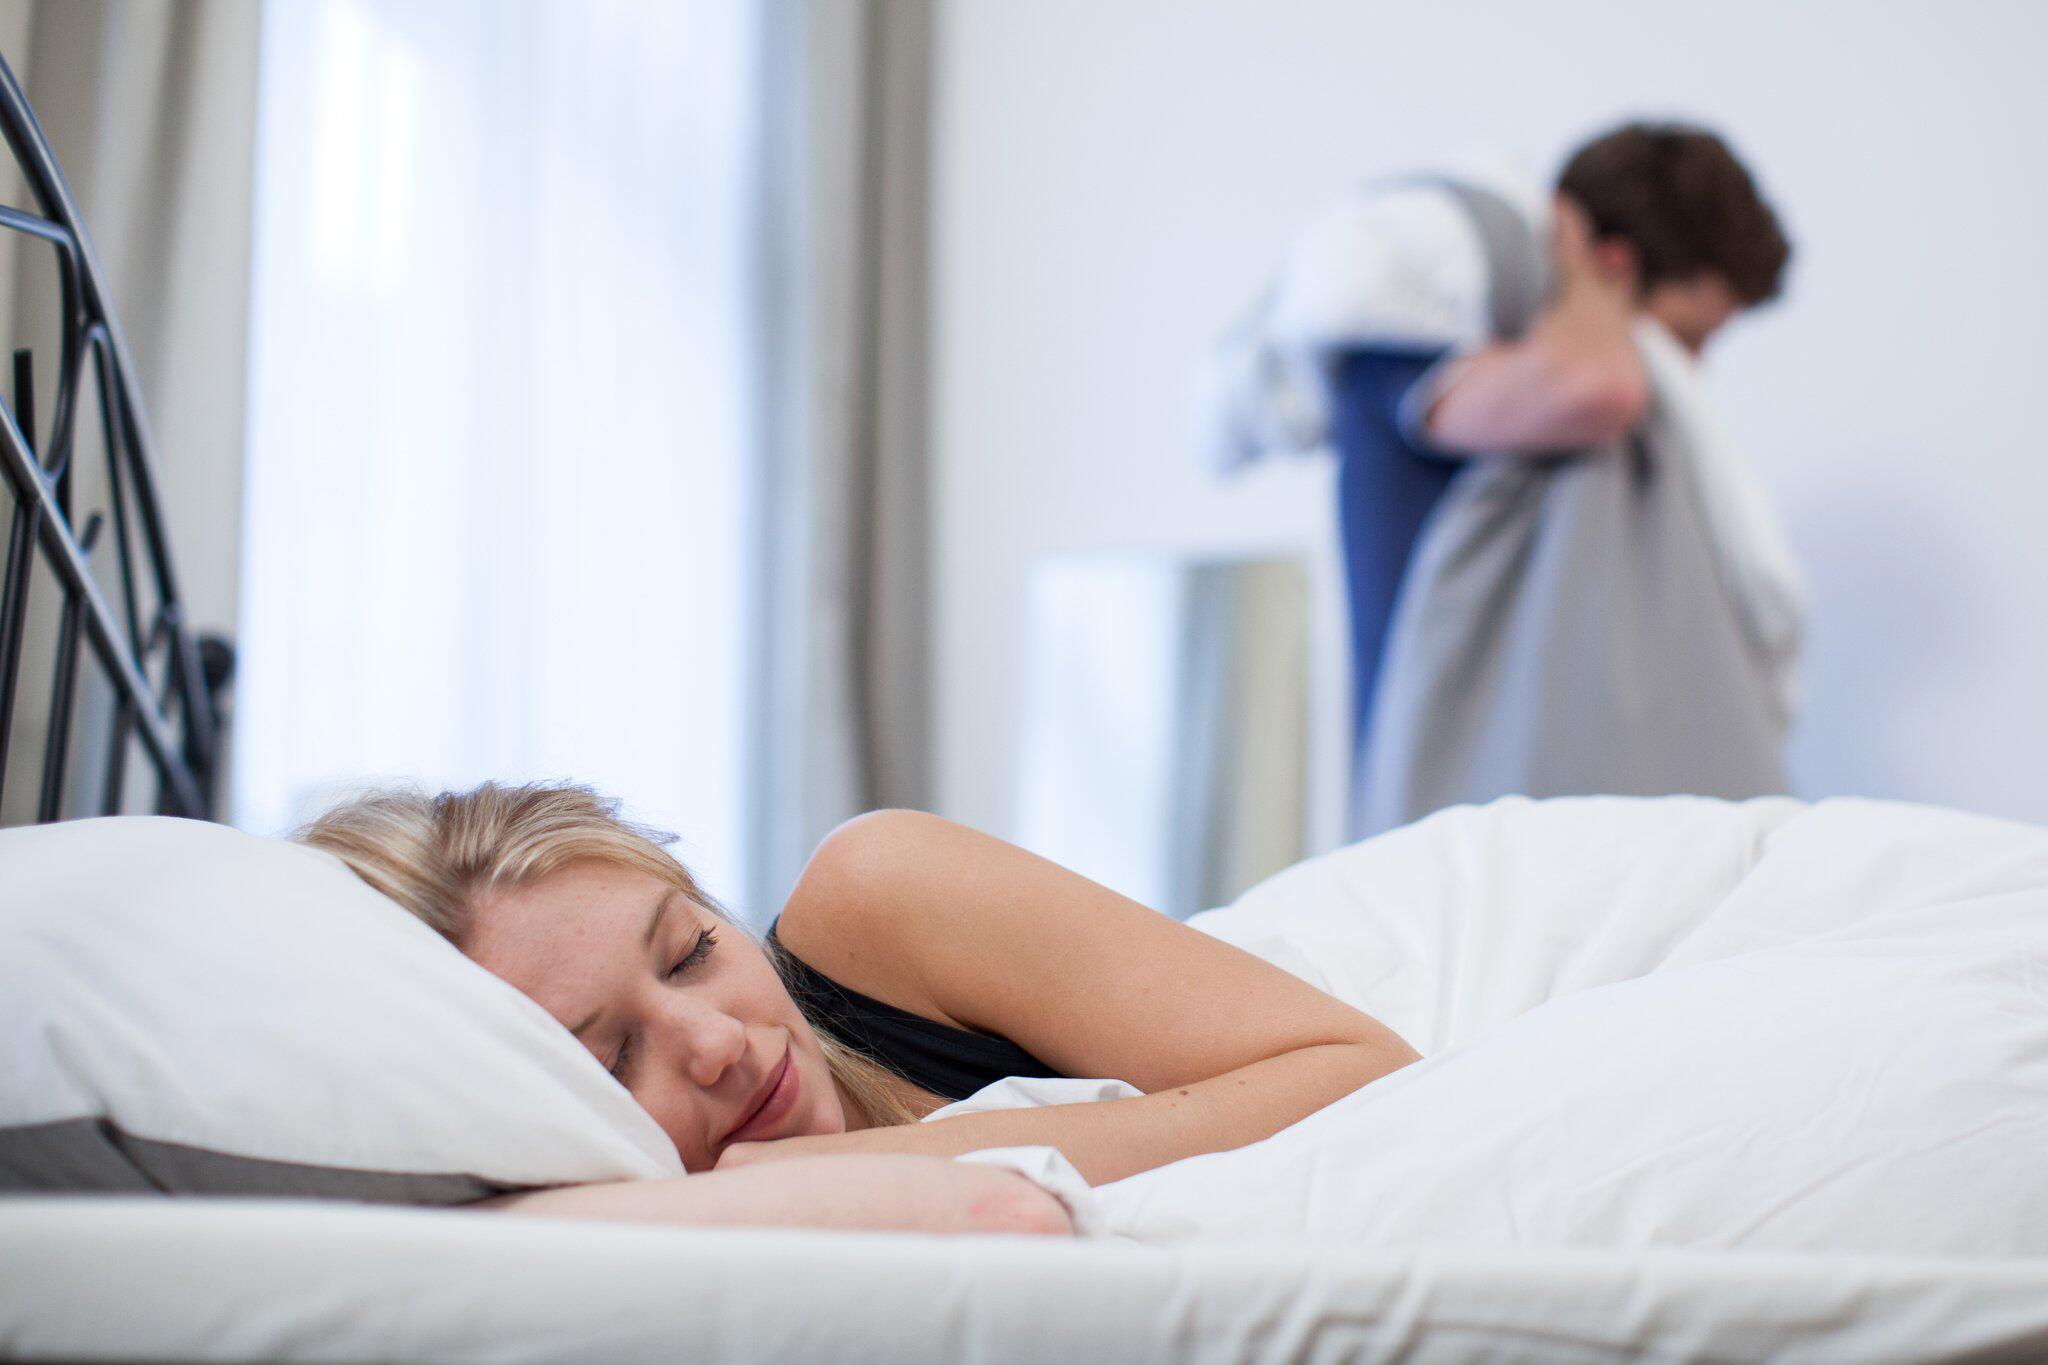 Bild zu Getrennte Betten: Warum sie nicht das Ende einer Beziehung sind